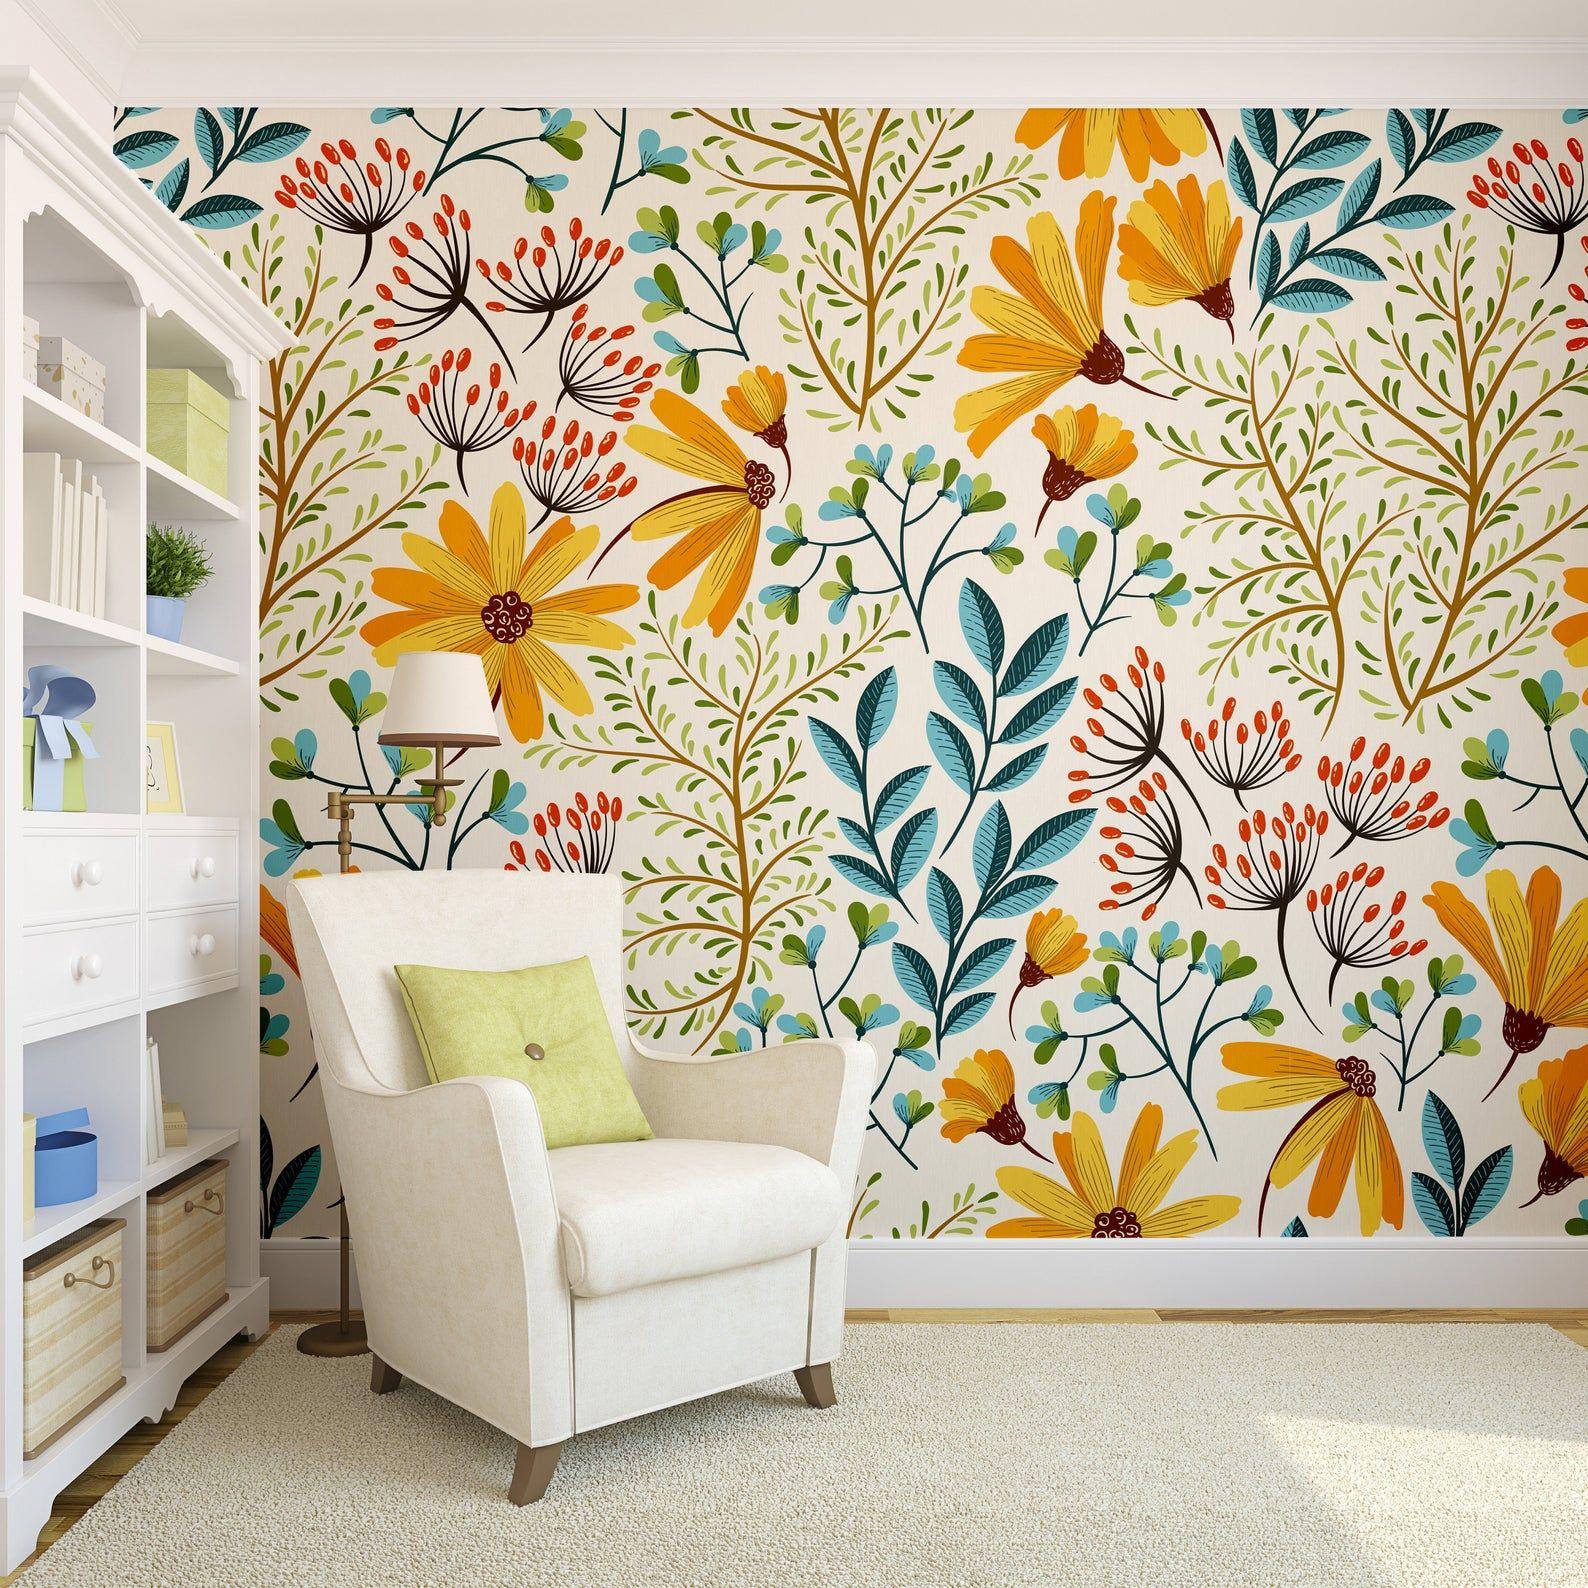 Colorful Flowers Wallpaper Self Adhesive Wallpaper Wall Etsy Wall Wallpaper Room Wallpaper Removable Wallpaper